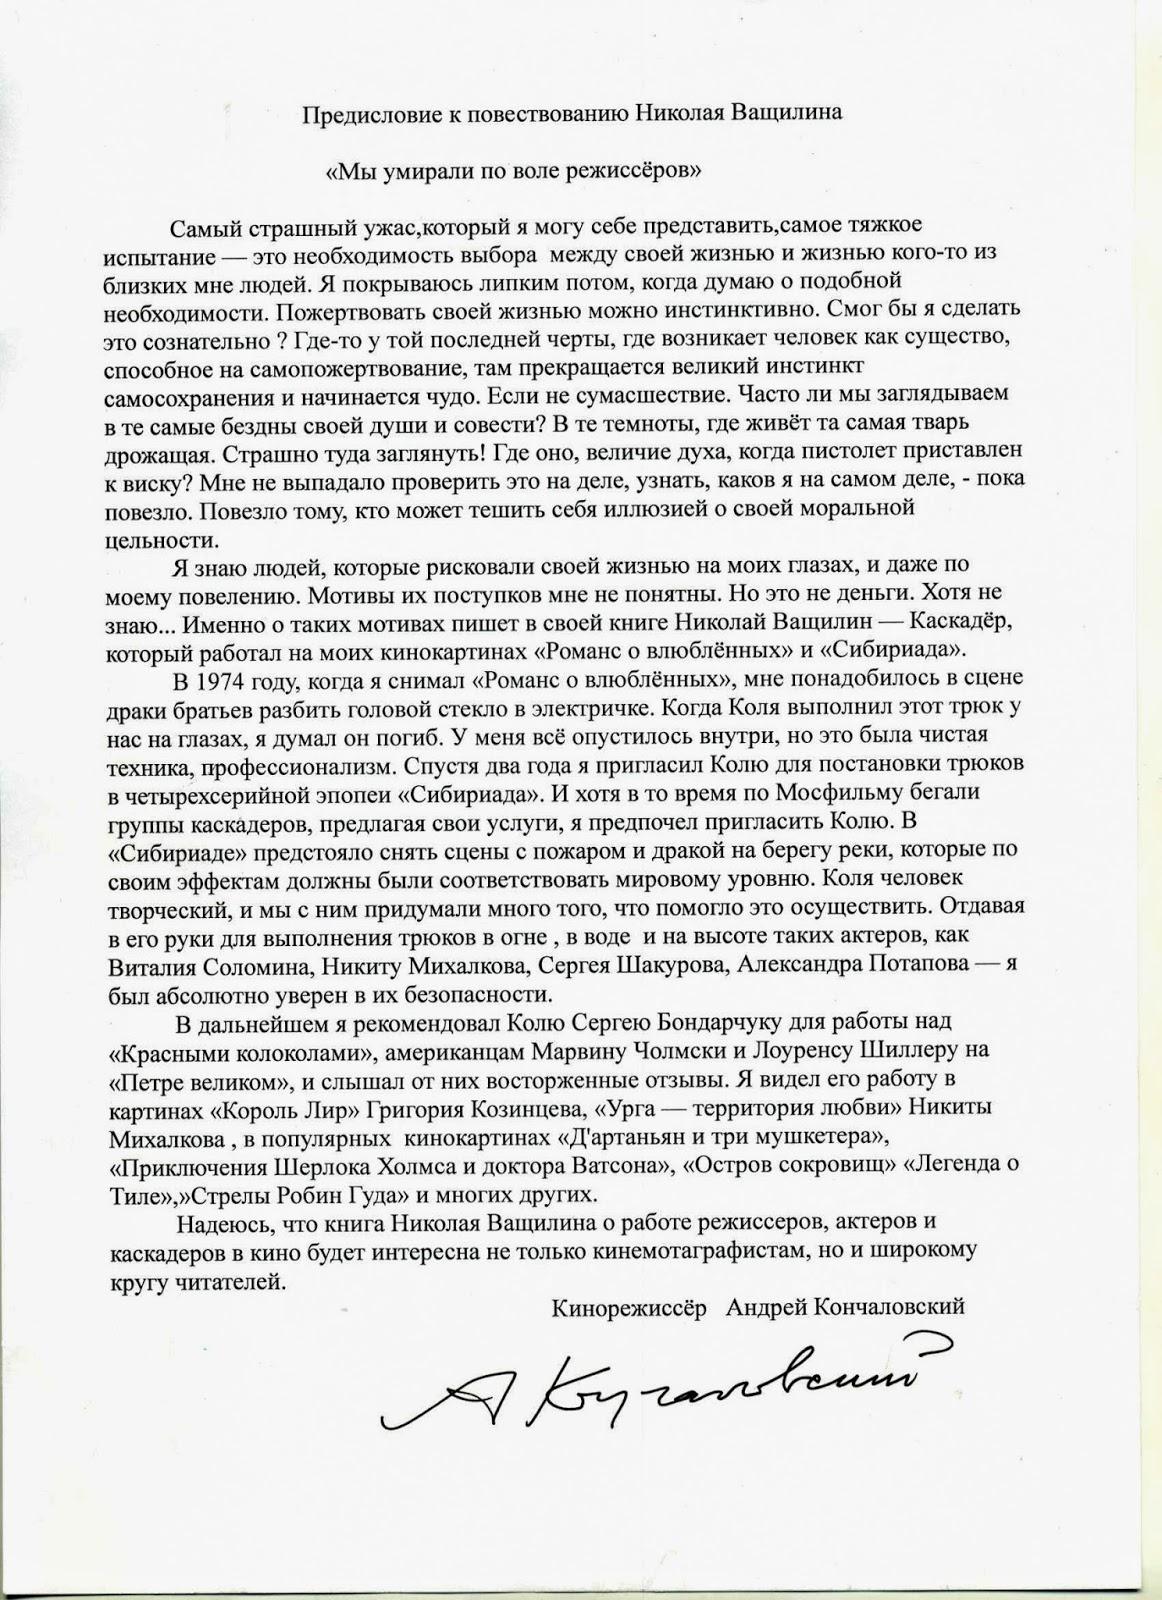 Купить больничный лист в Москве Таганский задним числом круглосуточно